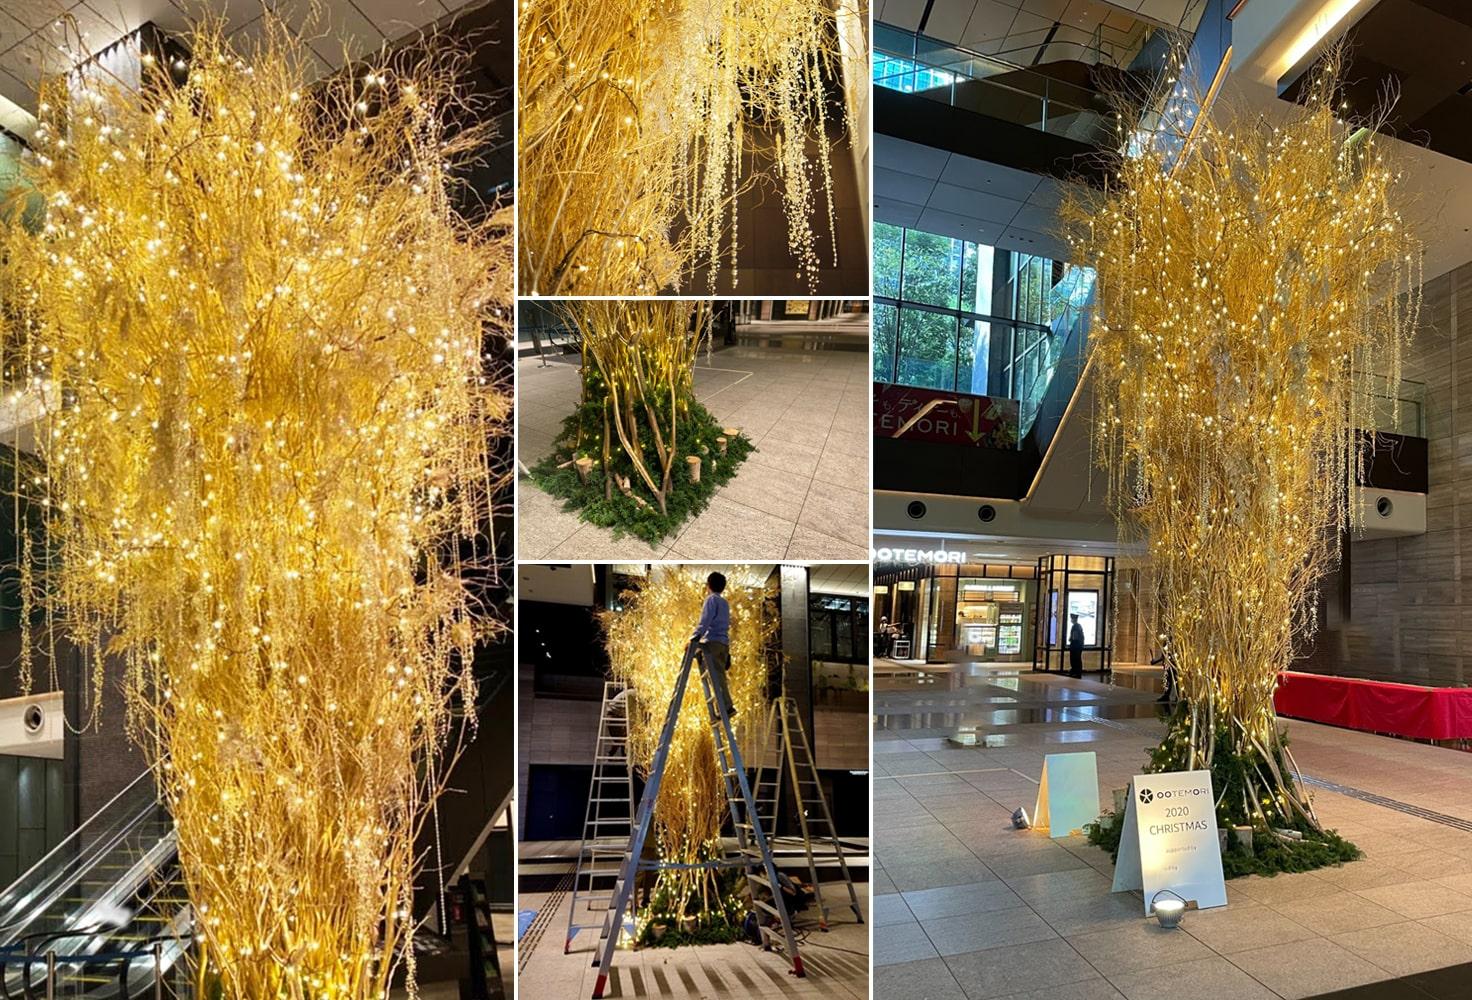 レミルフォイユドゥリベルテの生け込み、クリスマス装飾過去実績